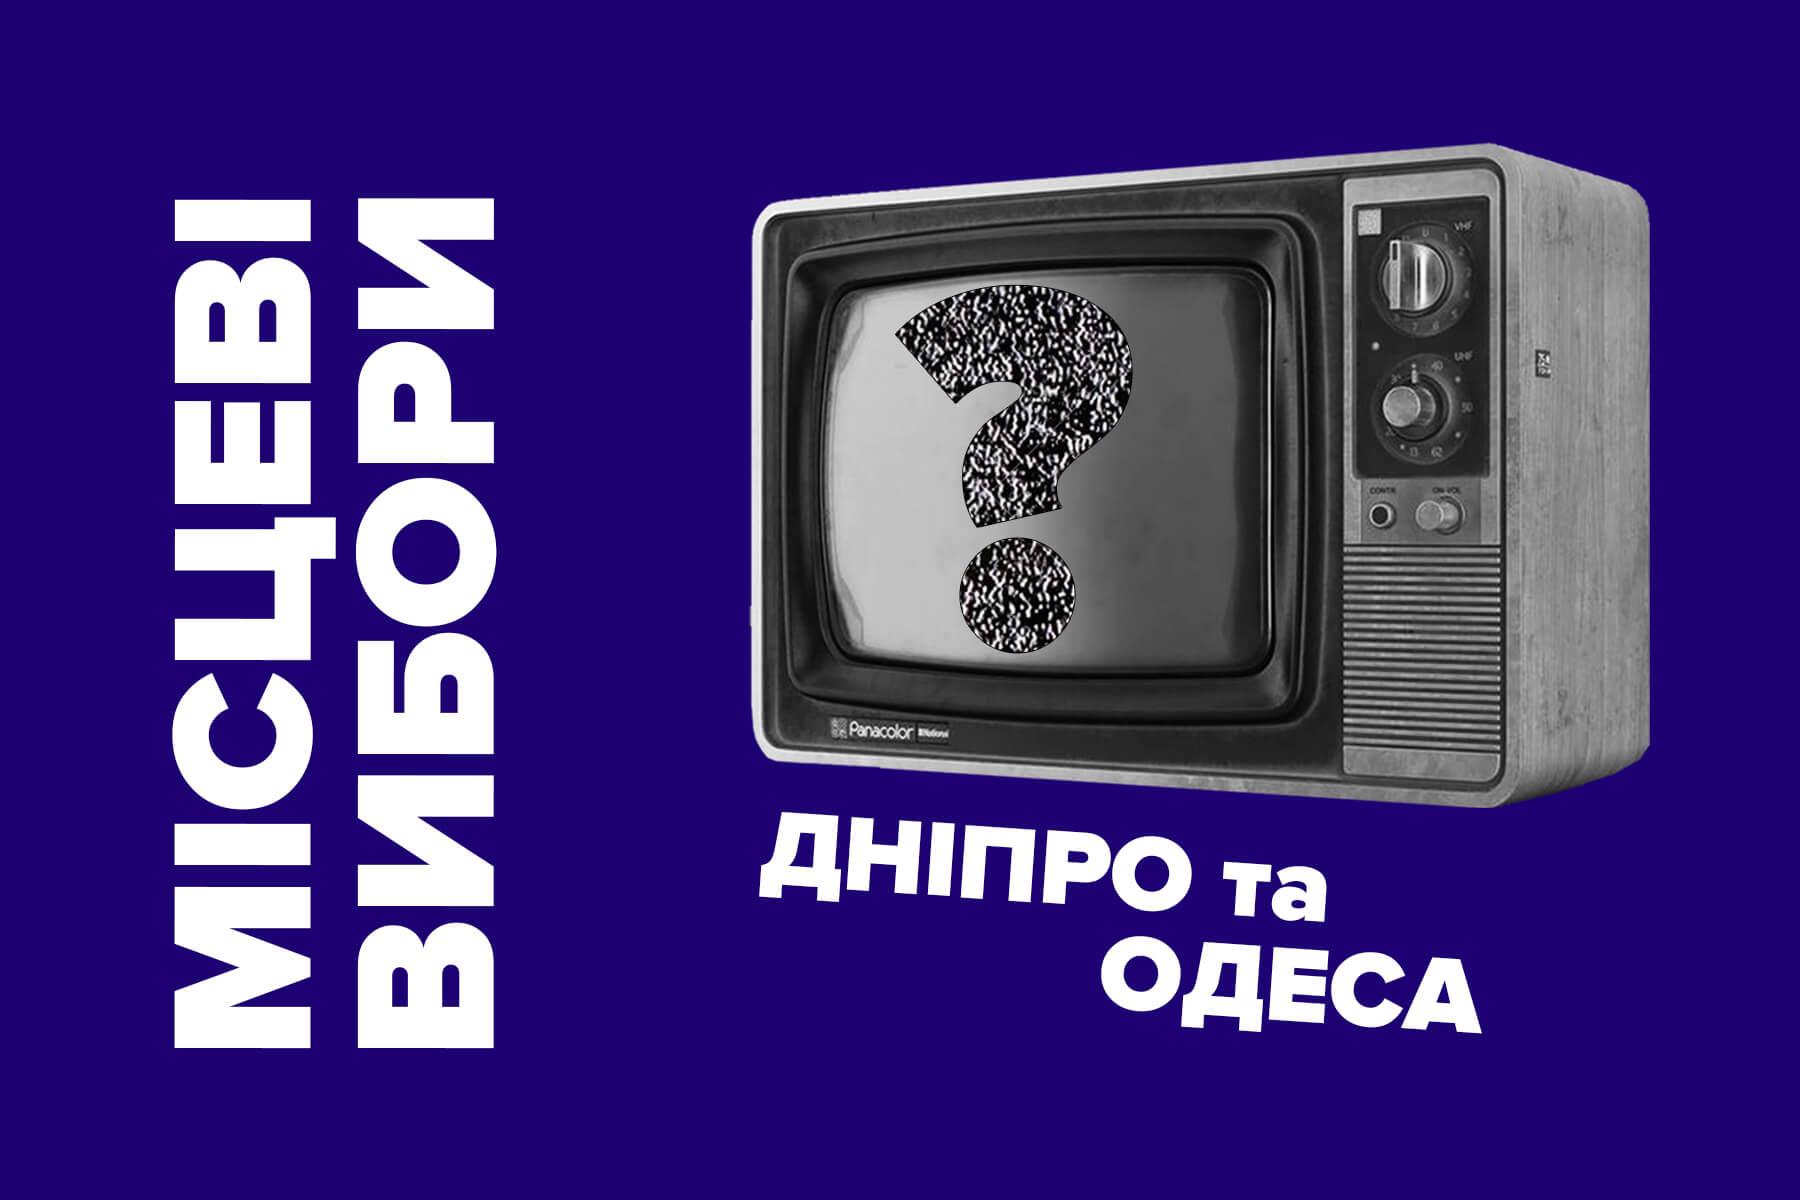 Передвиборчі маніпуляції, частина 1. Фактчек кандидатів у мери Дніпра та Одеси